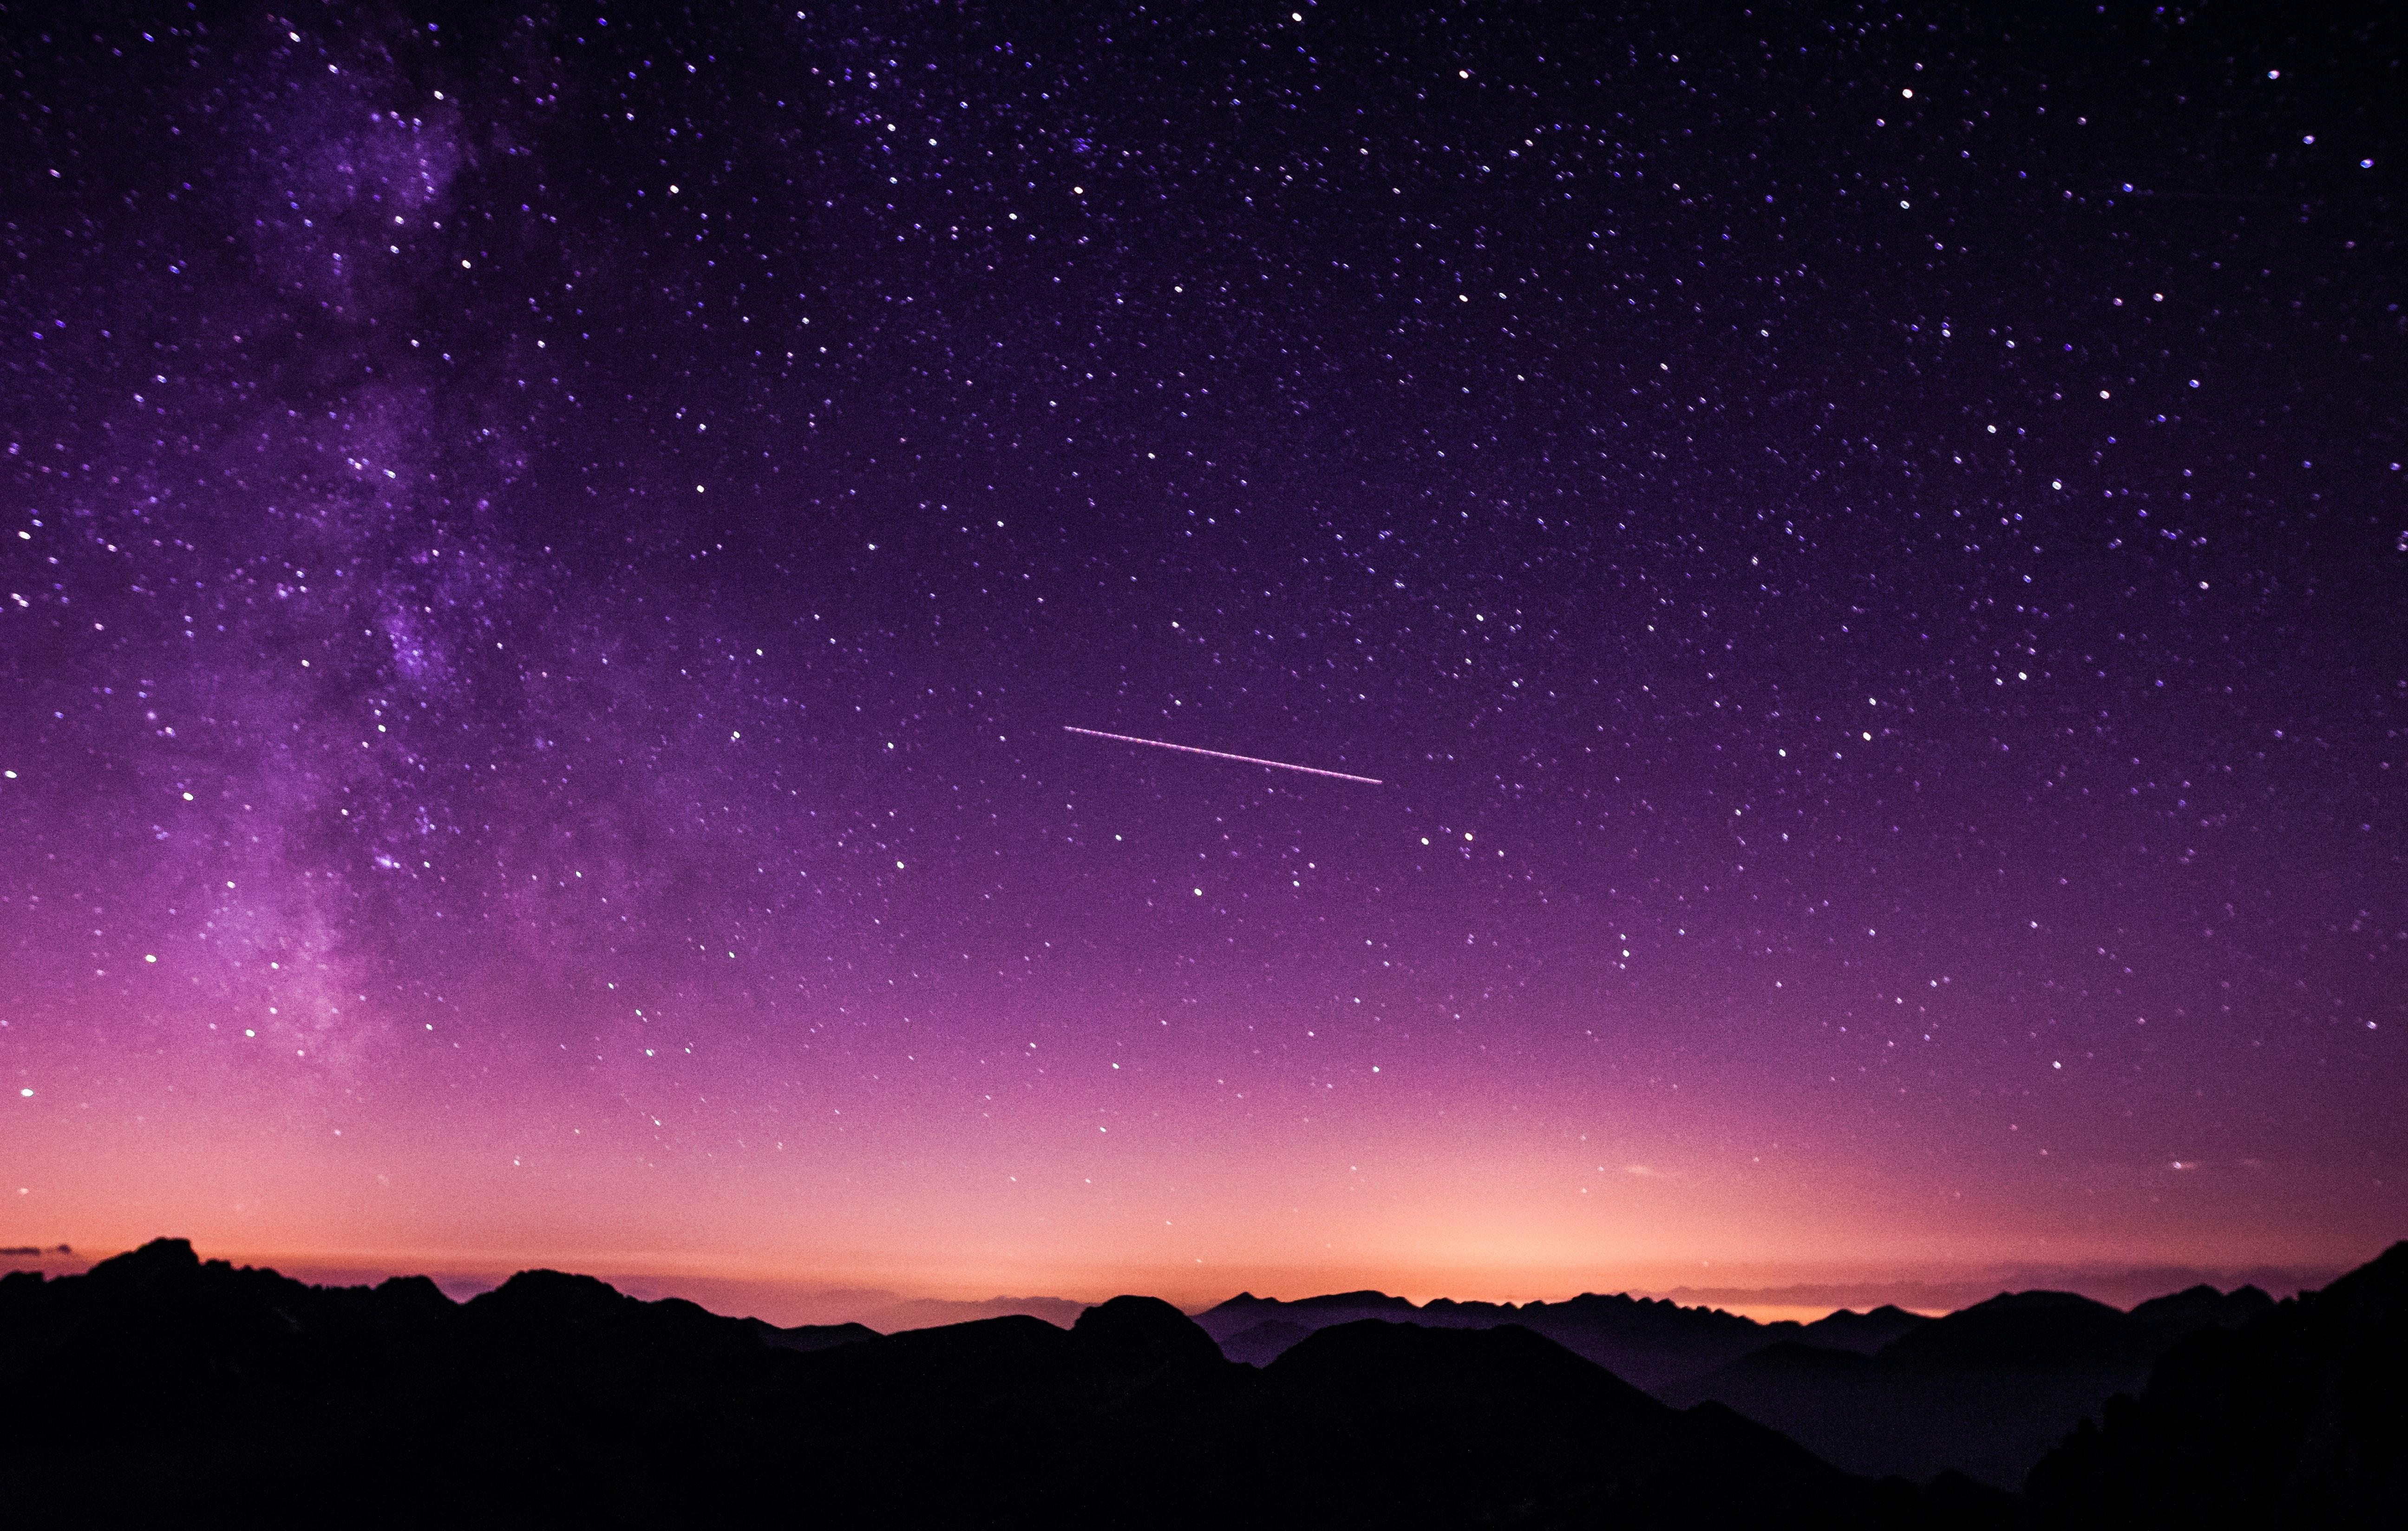 Night Sky Wallpapers: Free HD Download [500+ HQ] | Unsplash